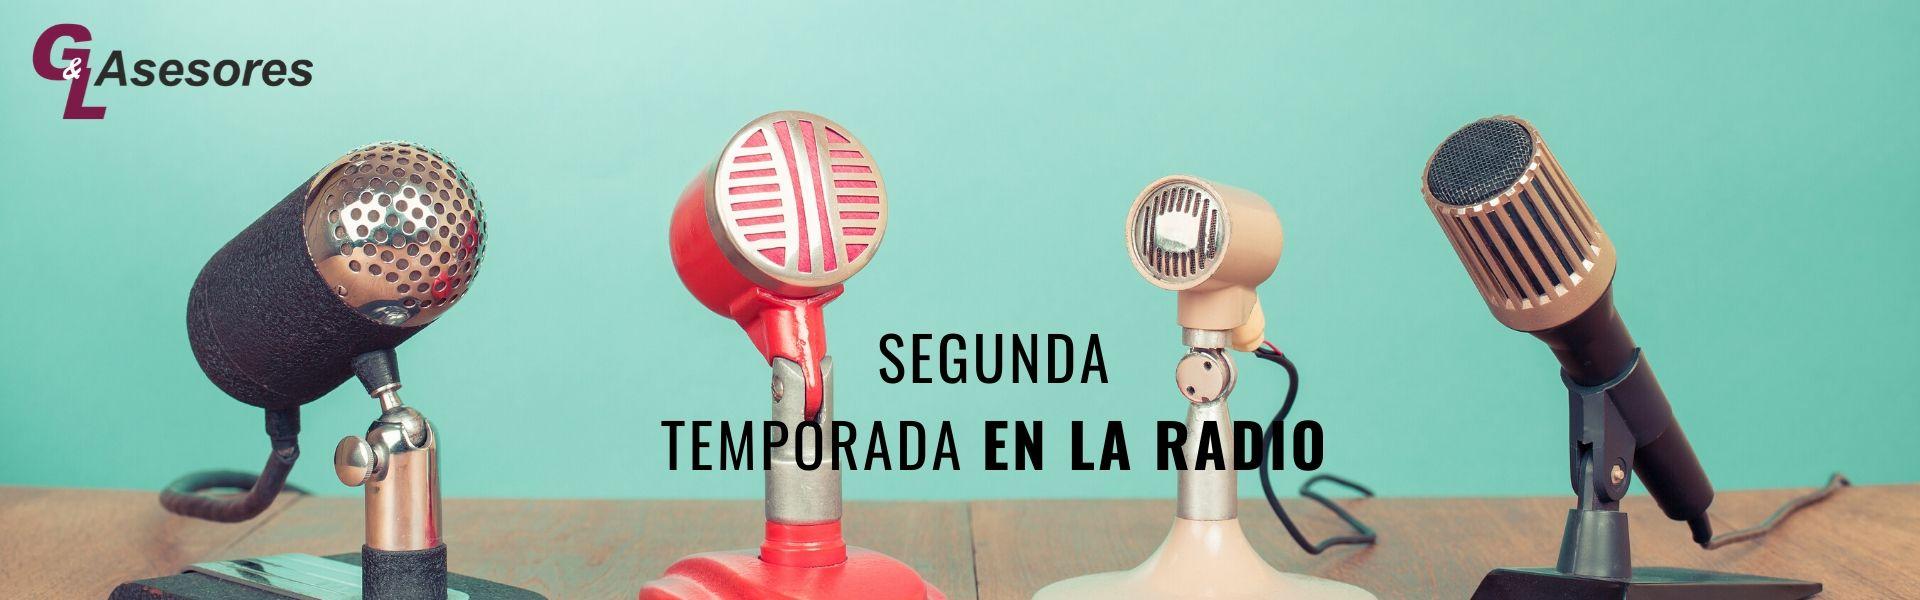 GyL ASESORES EN LA RADIO-SEGUNDA TEMPORADA